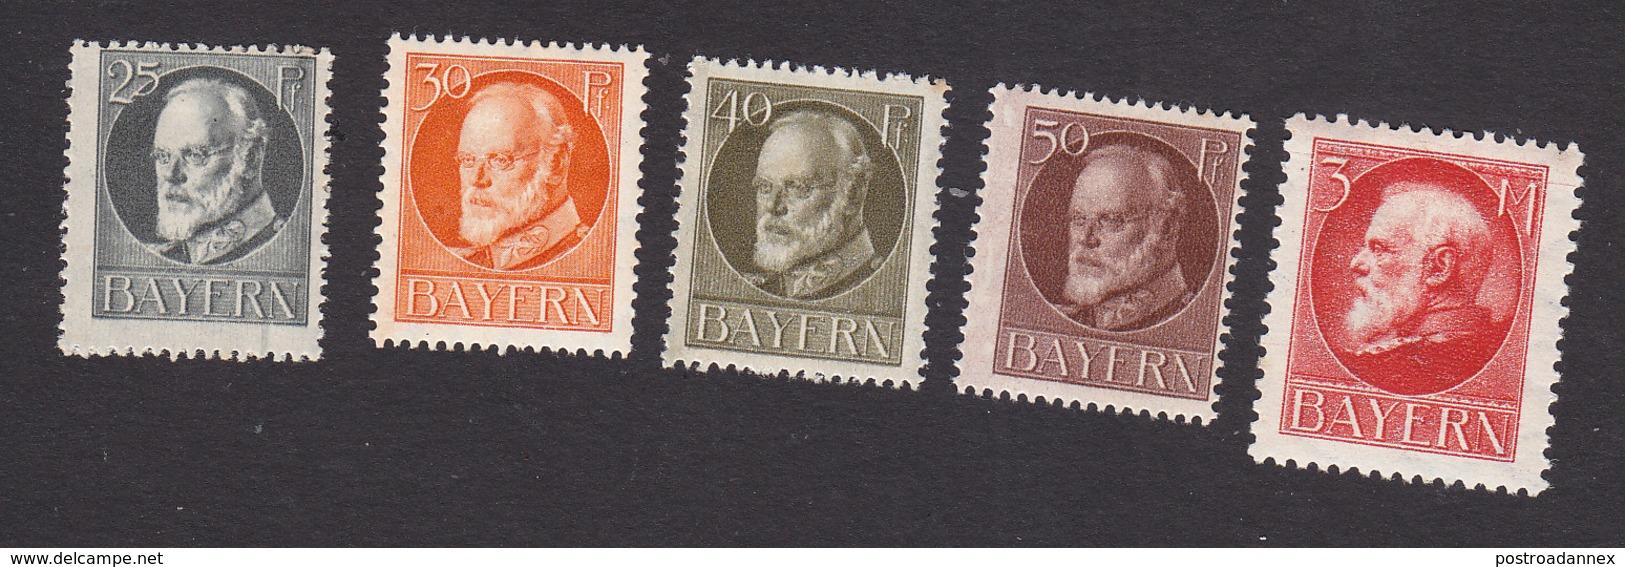 Bavaria, Scott #103-106, 111, Mint Hinged, King Ludwig III, Issued 1914 - Bavaria